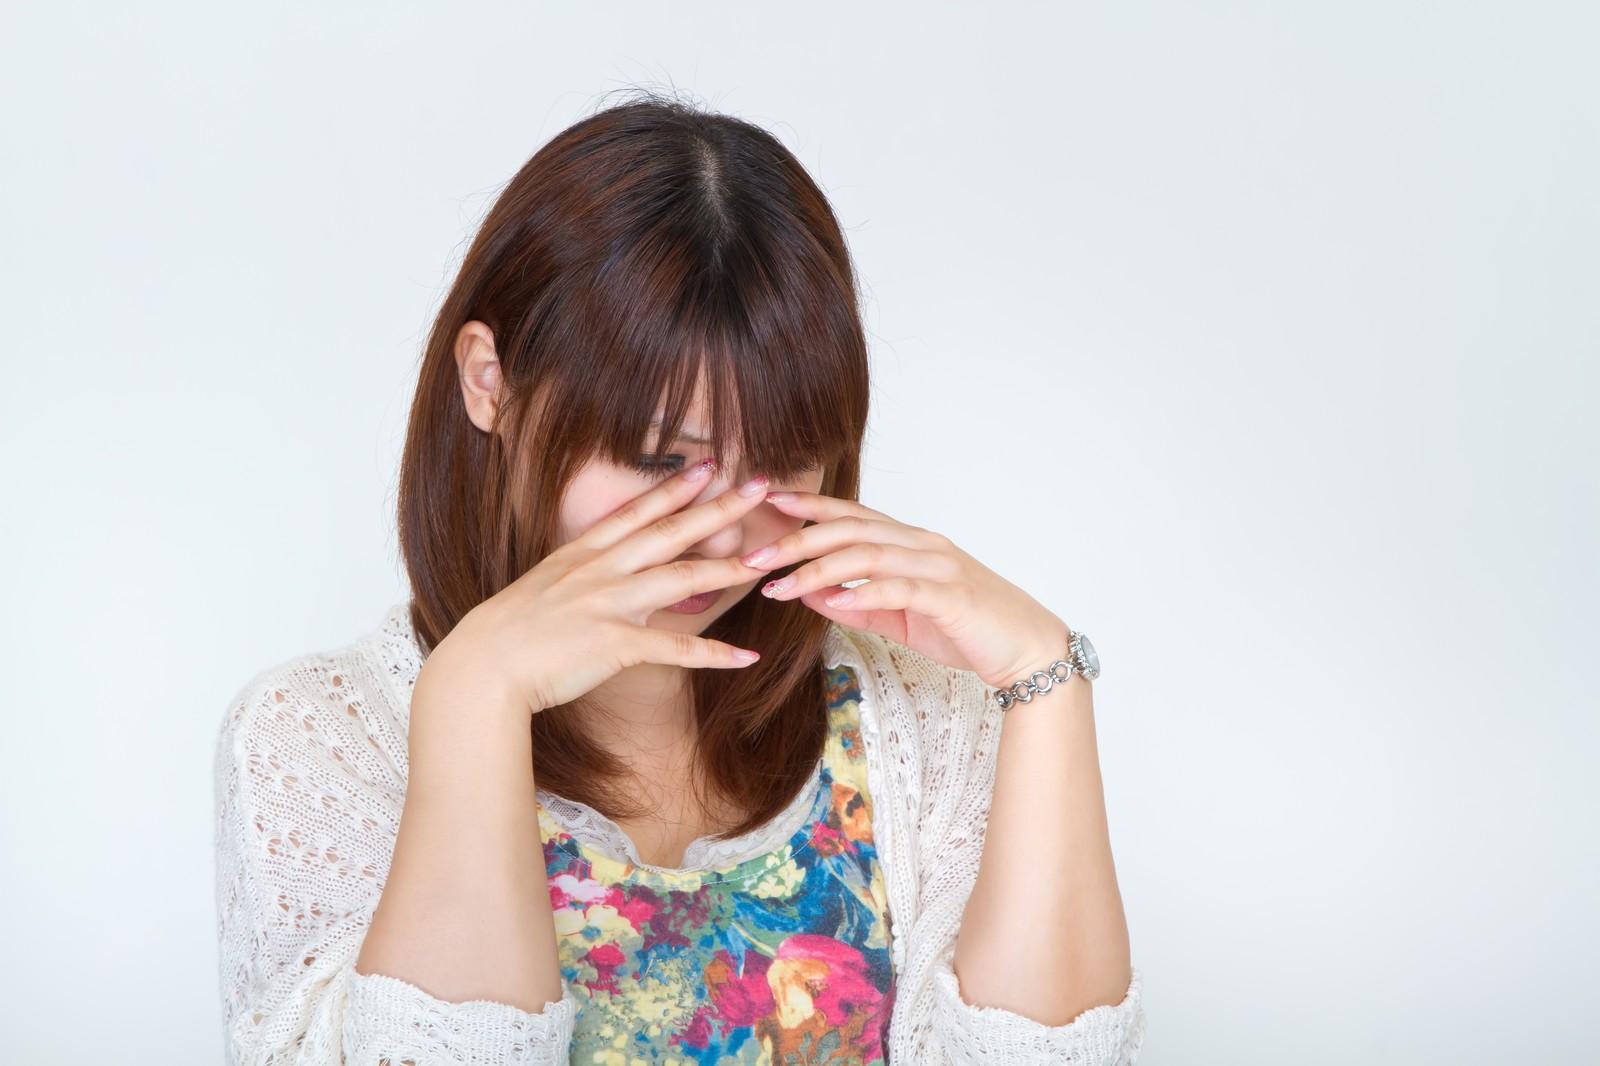 ドル円&ユーロ円がめっちゃ強い!マユヒメリアルトレードの結果はいかに!?